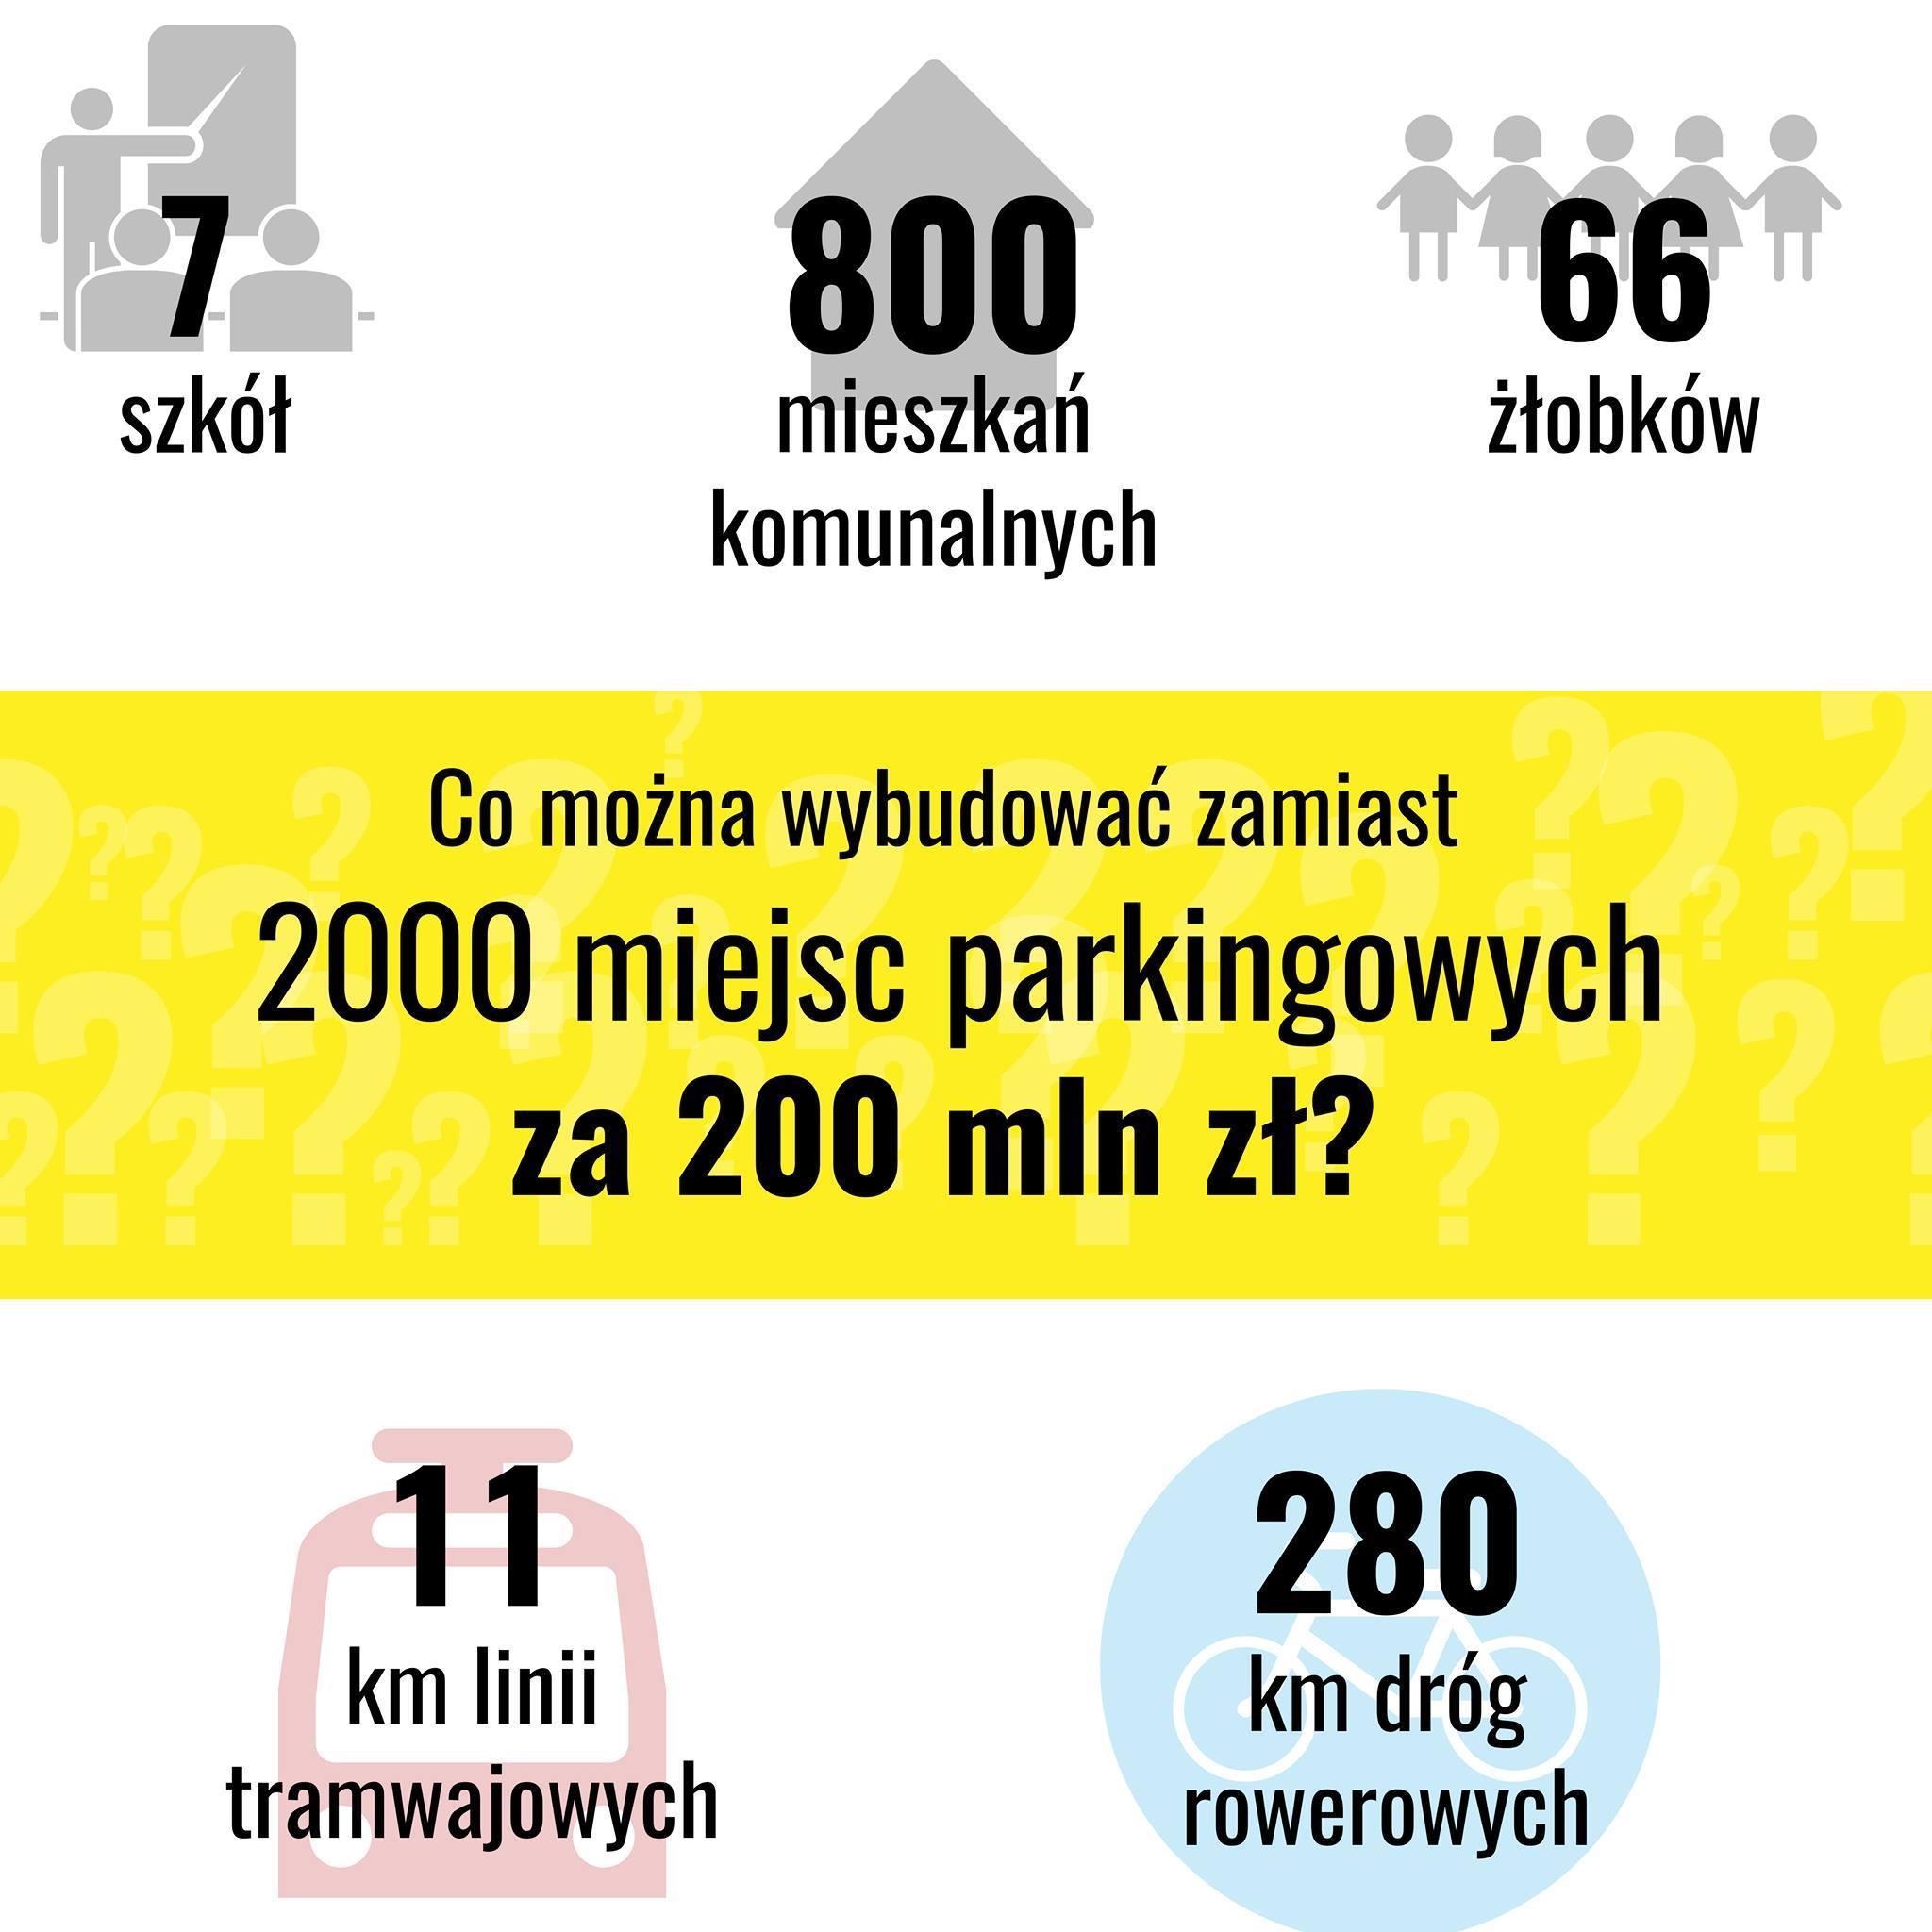 Co można zrobić z200 mln zł?